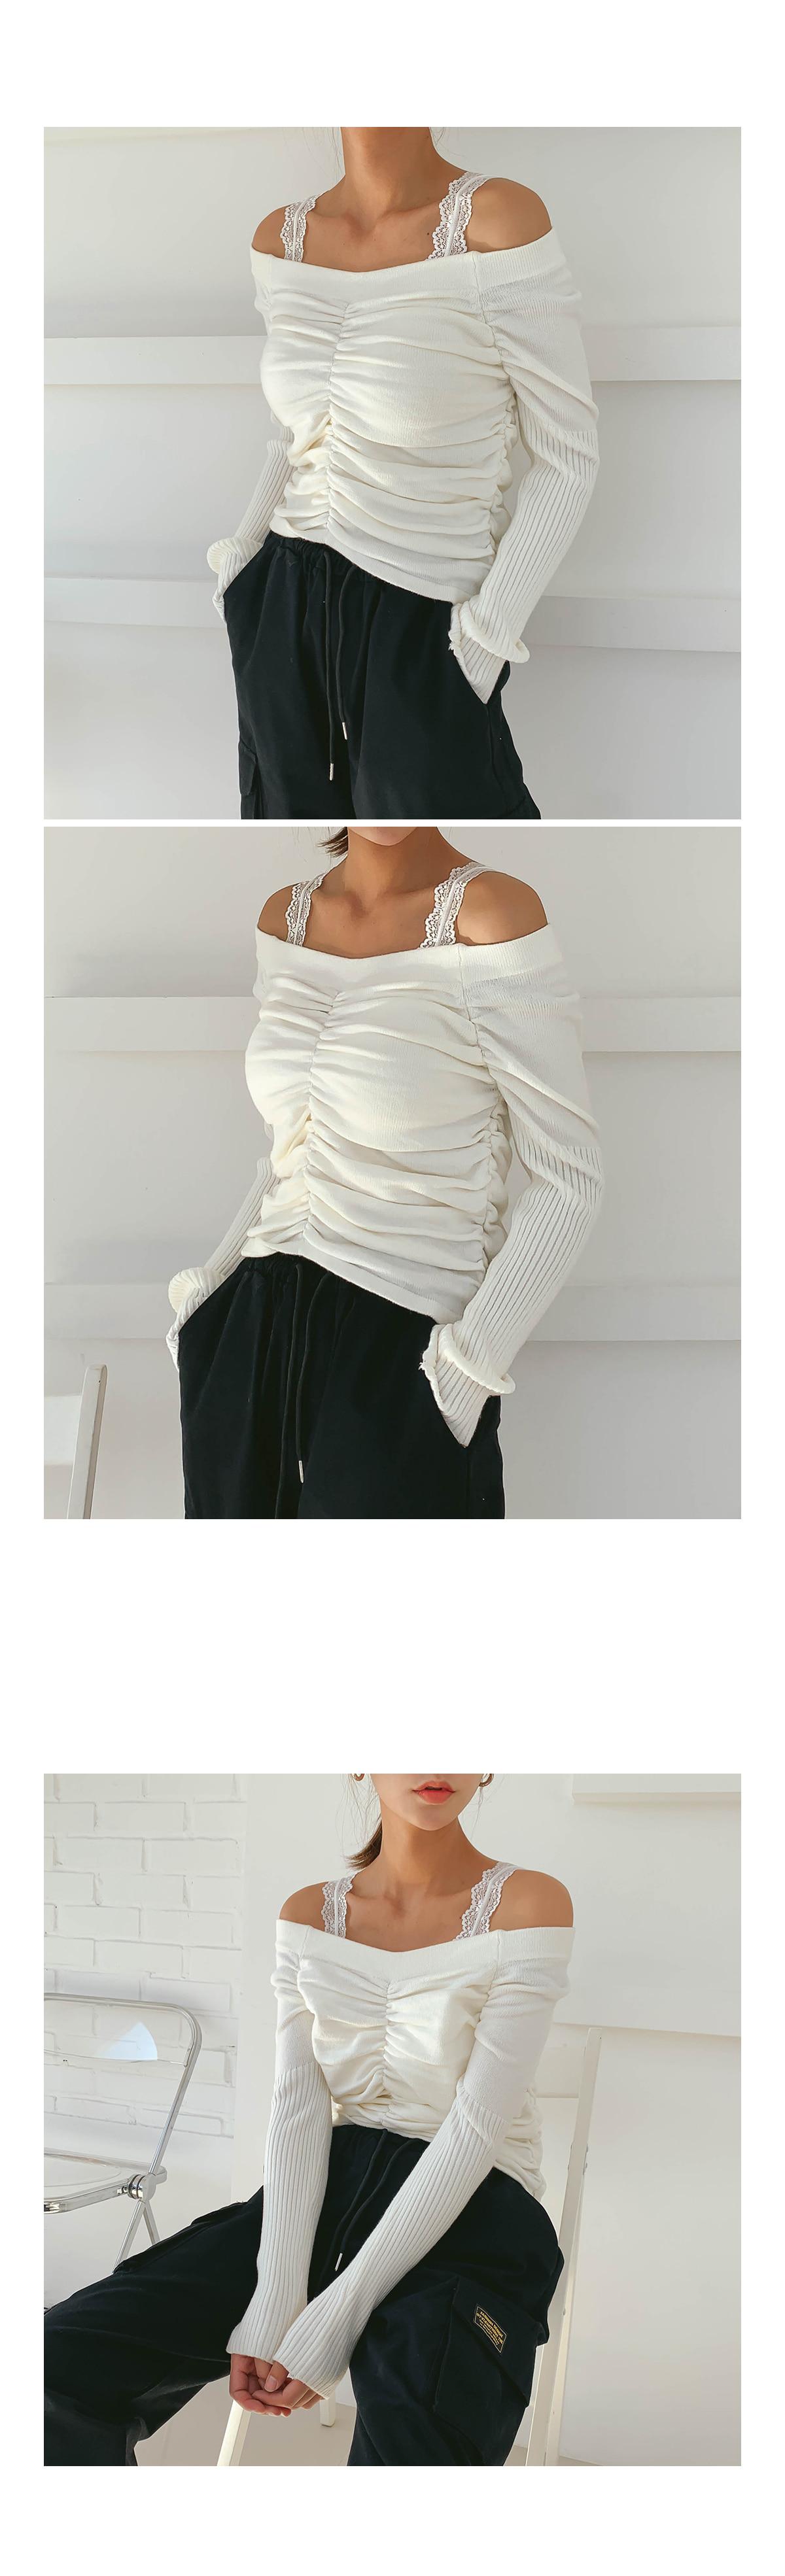 Shirring Emma Goldinit